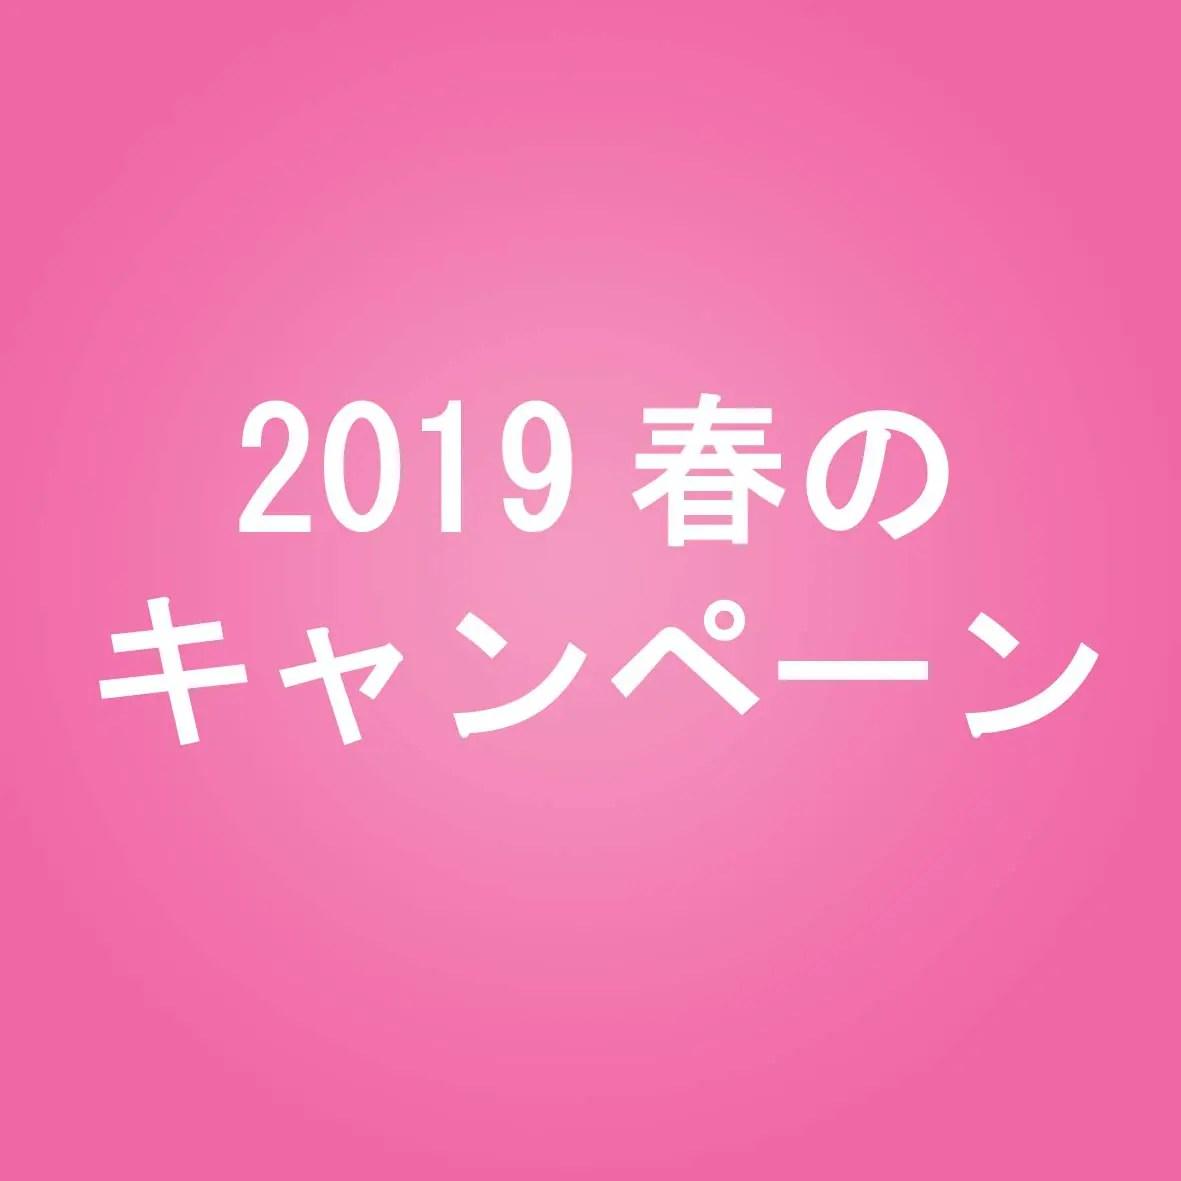 2019春のご入会キャンペーンのお申し込みはあと5日です!/鎌倉市長谷の書道教室